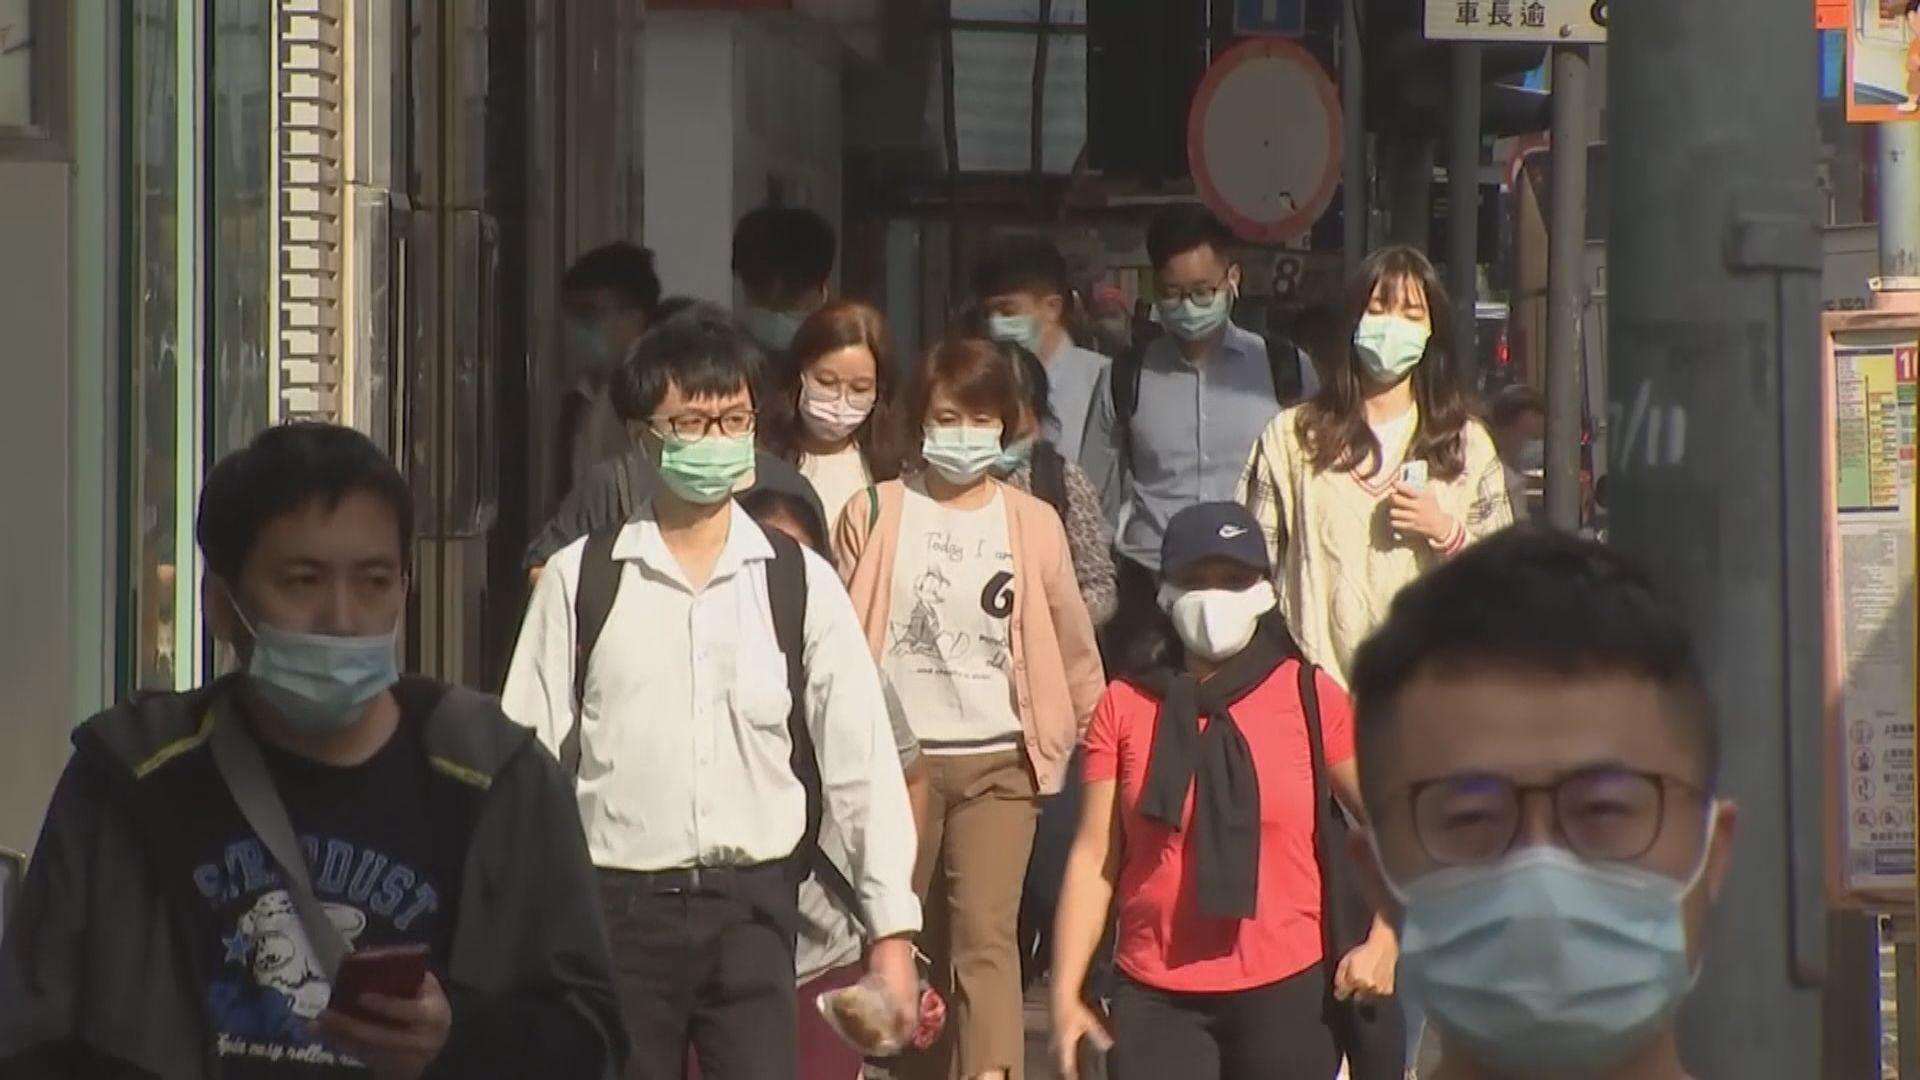 政府將再收緊入境防疫措施 食衞局下午公布詳情